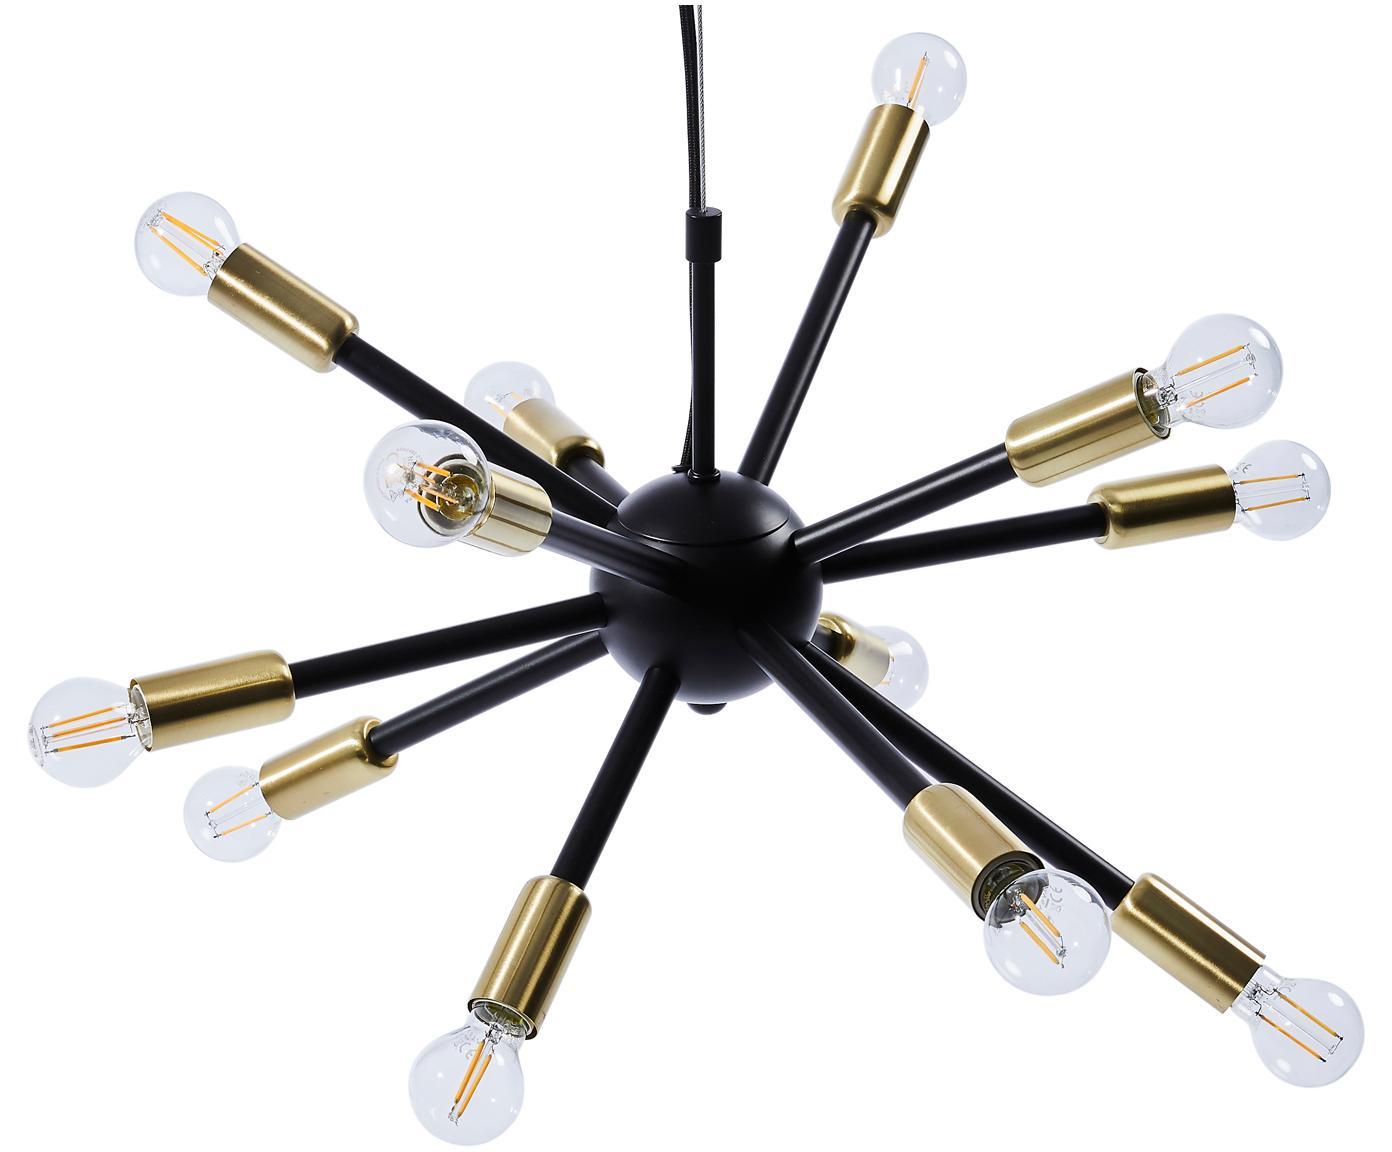 Hanglamp Spike in zwart en goudkleurig, Baldakijn: gecoat metaal, Lampenkap: gepoedercoat metaal, Fitting: geborsteld metaal, Zwart, goudkleurig, Ø 50 cm